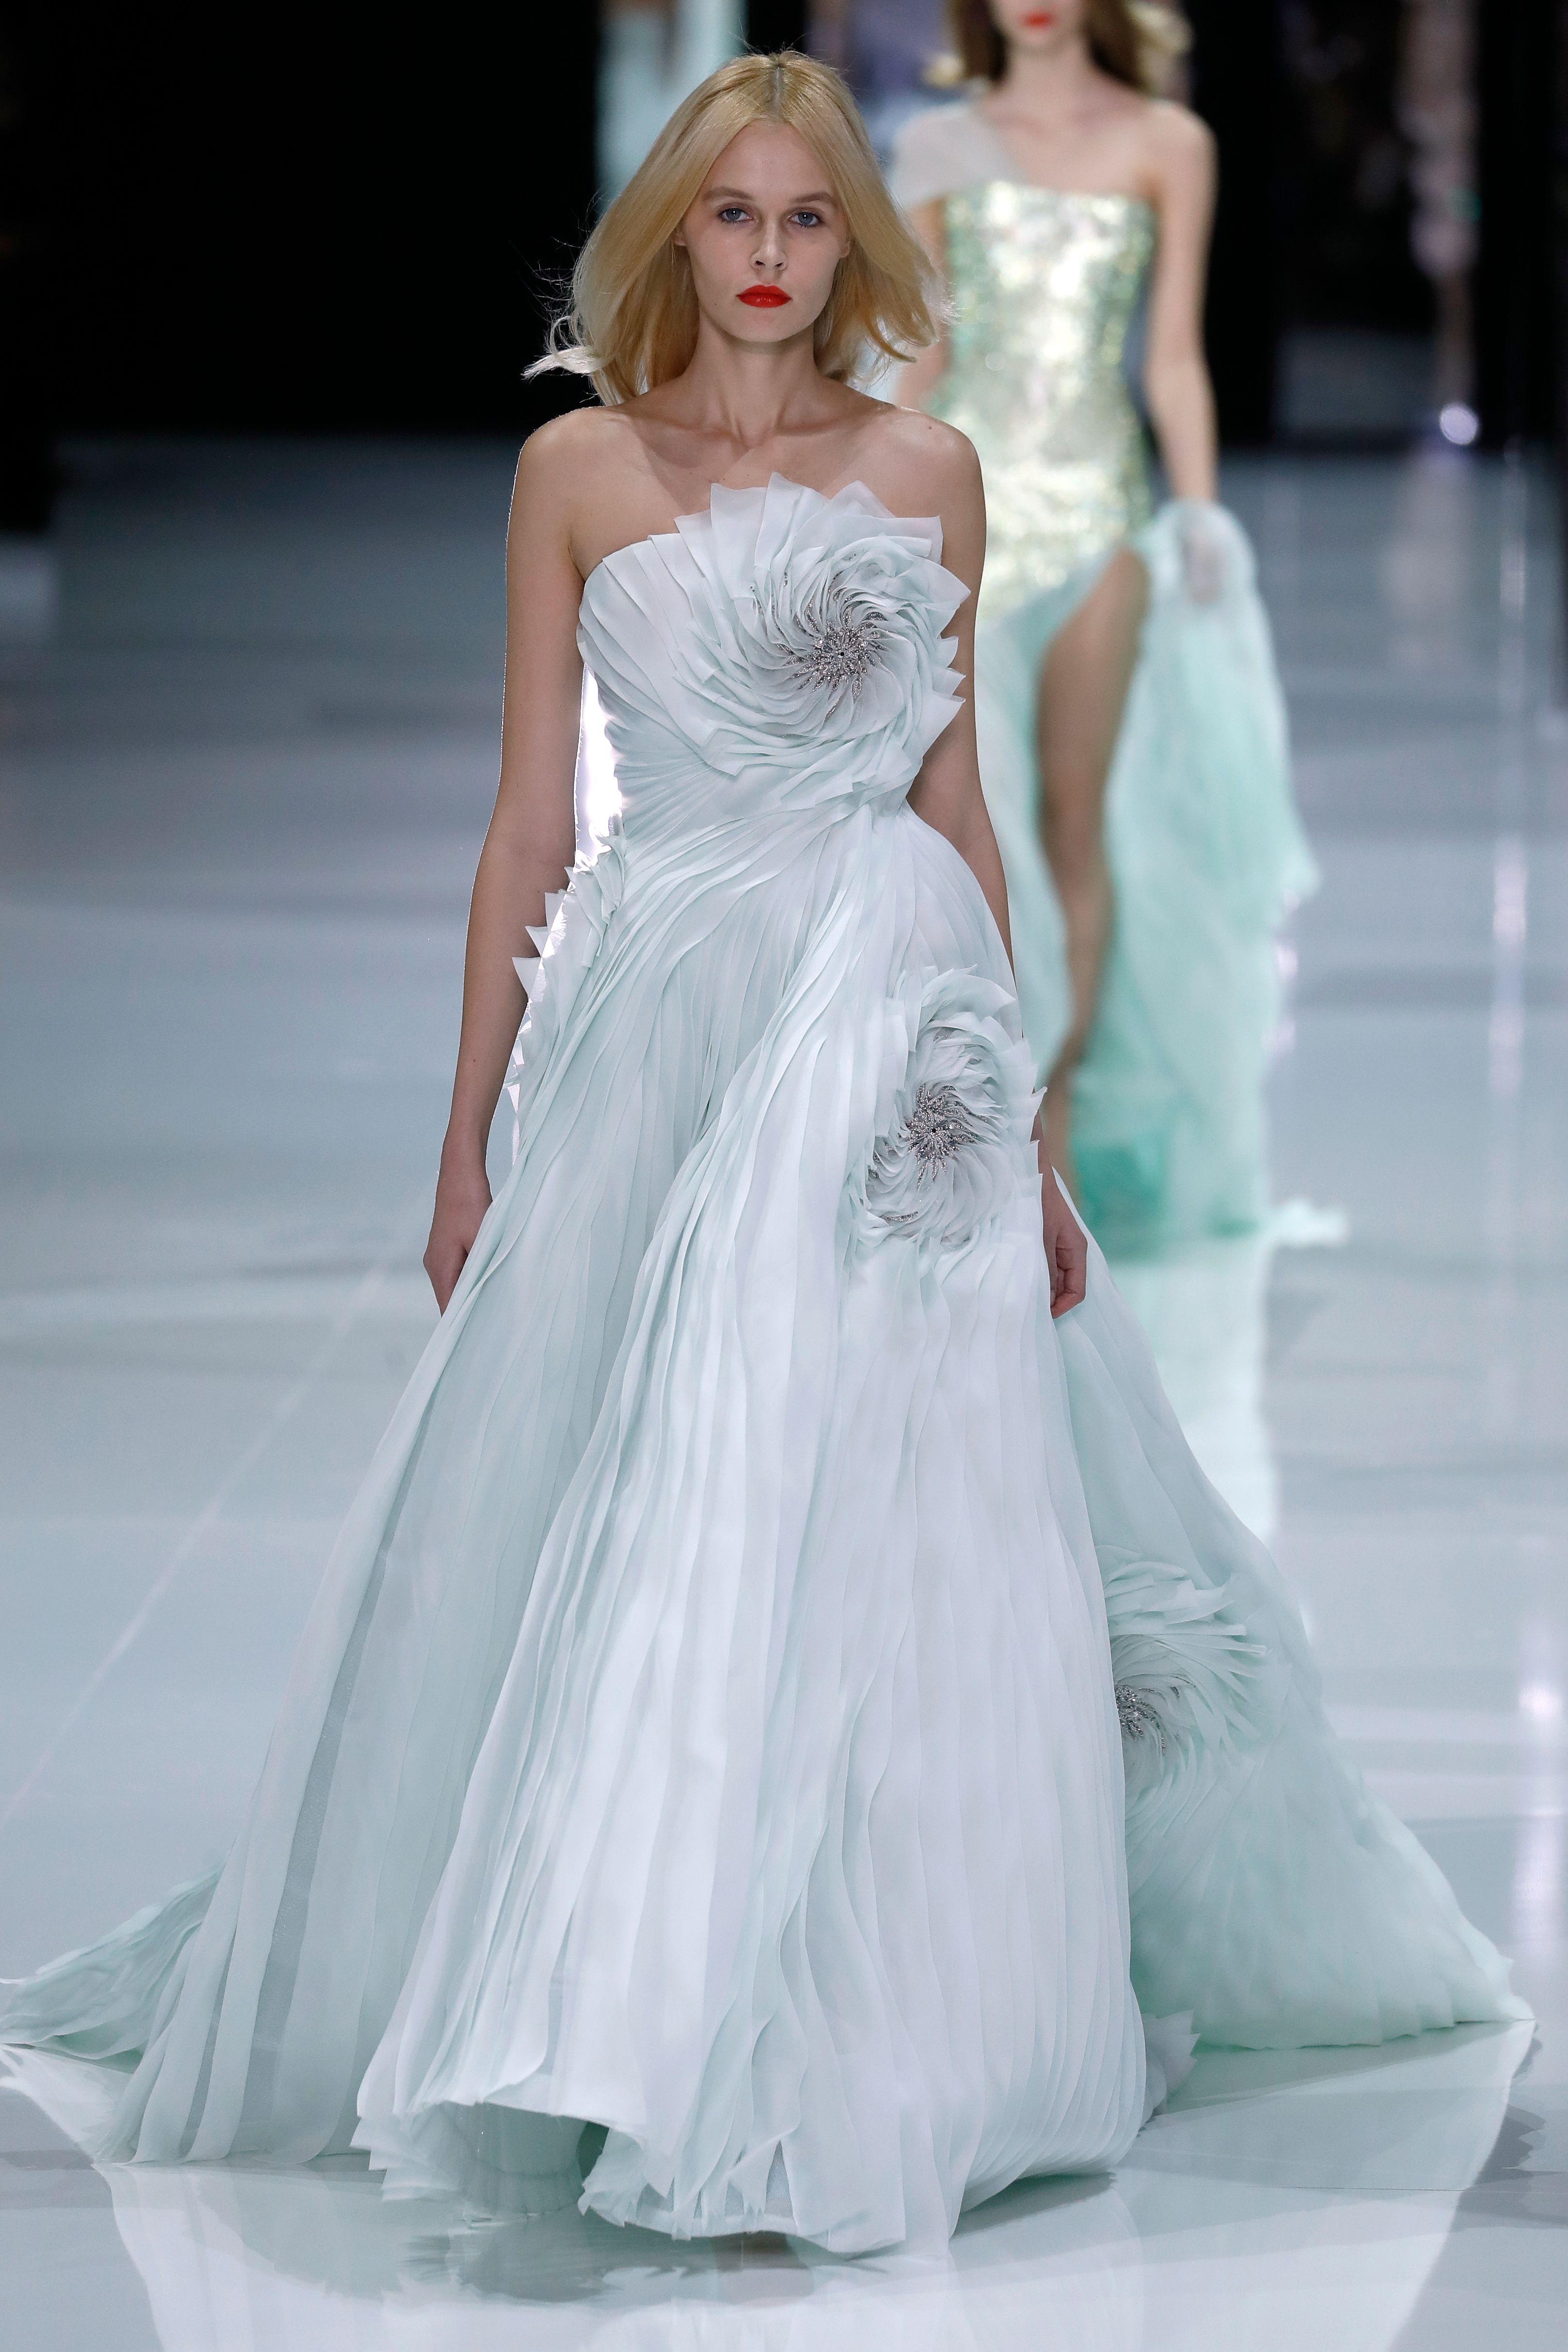 Si todo sigue igual, así de espectacular será el vestido de novia de ...